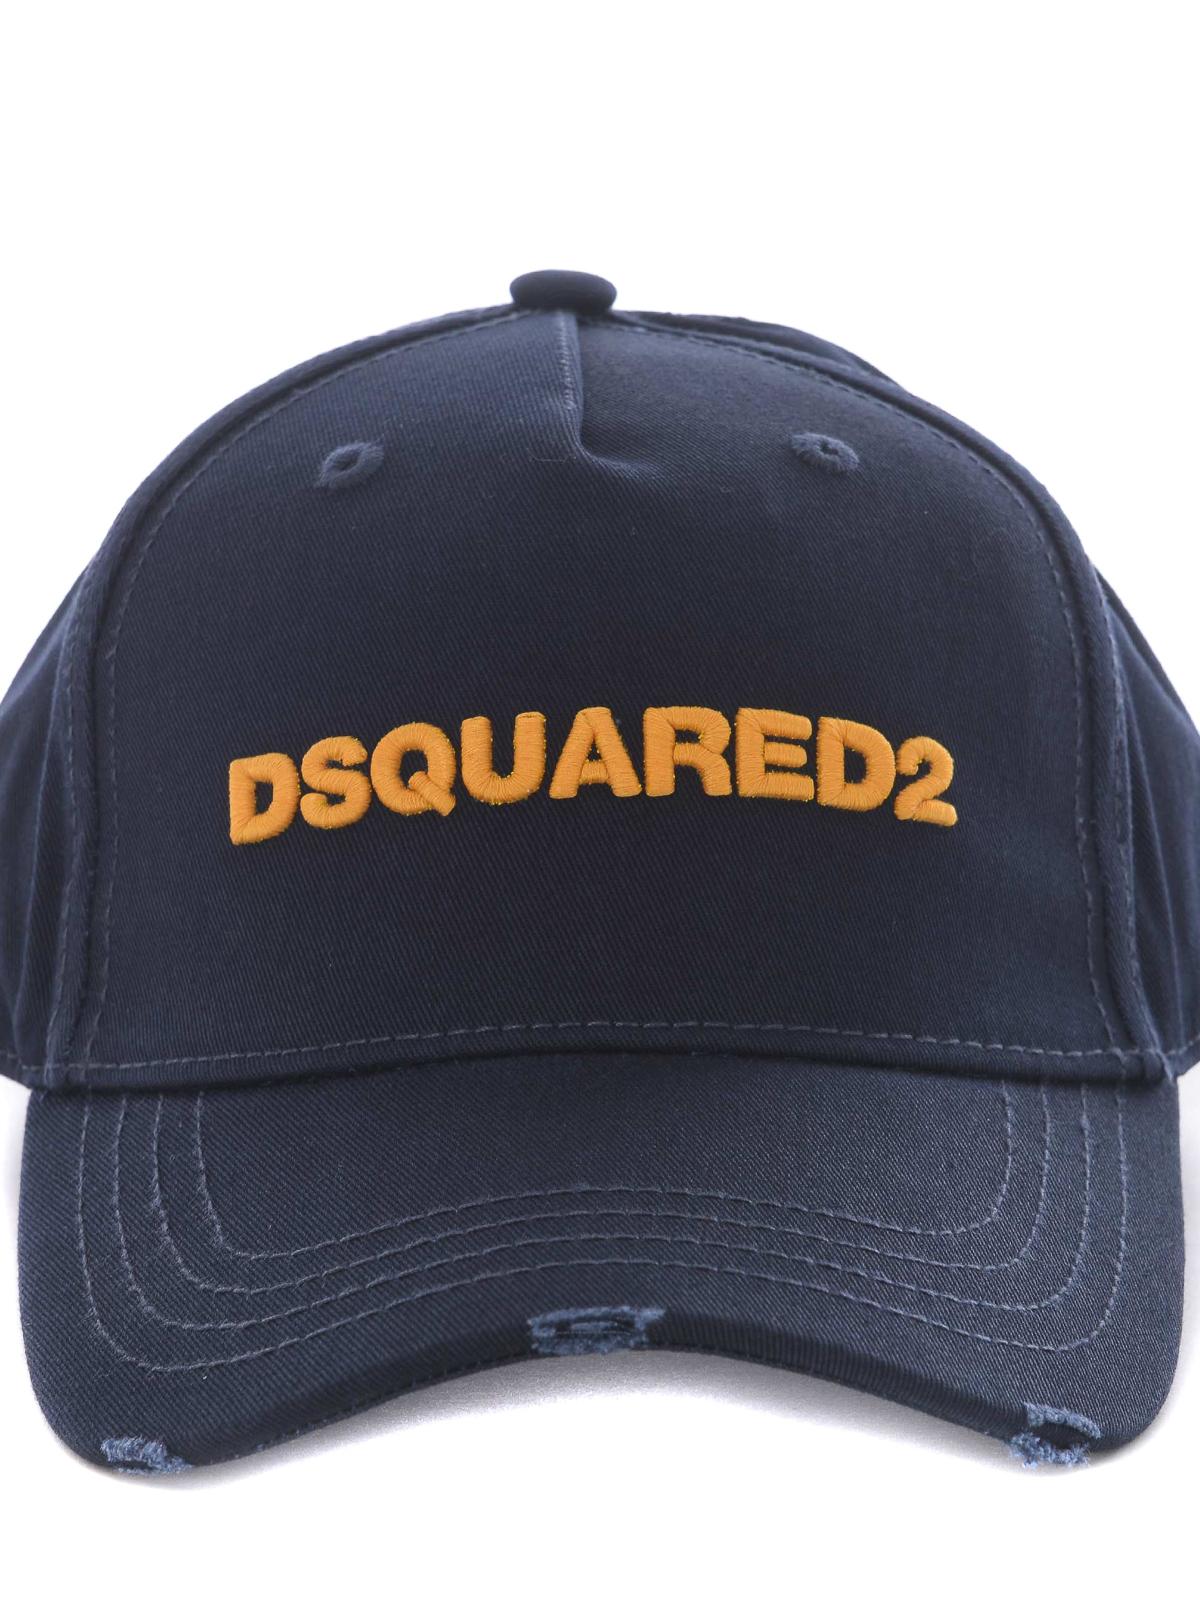 DSQUARED2  cappelli online - Cappello da baseball D2 in cotone b0123a659c0e